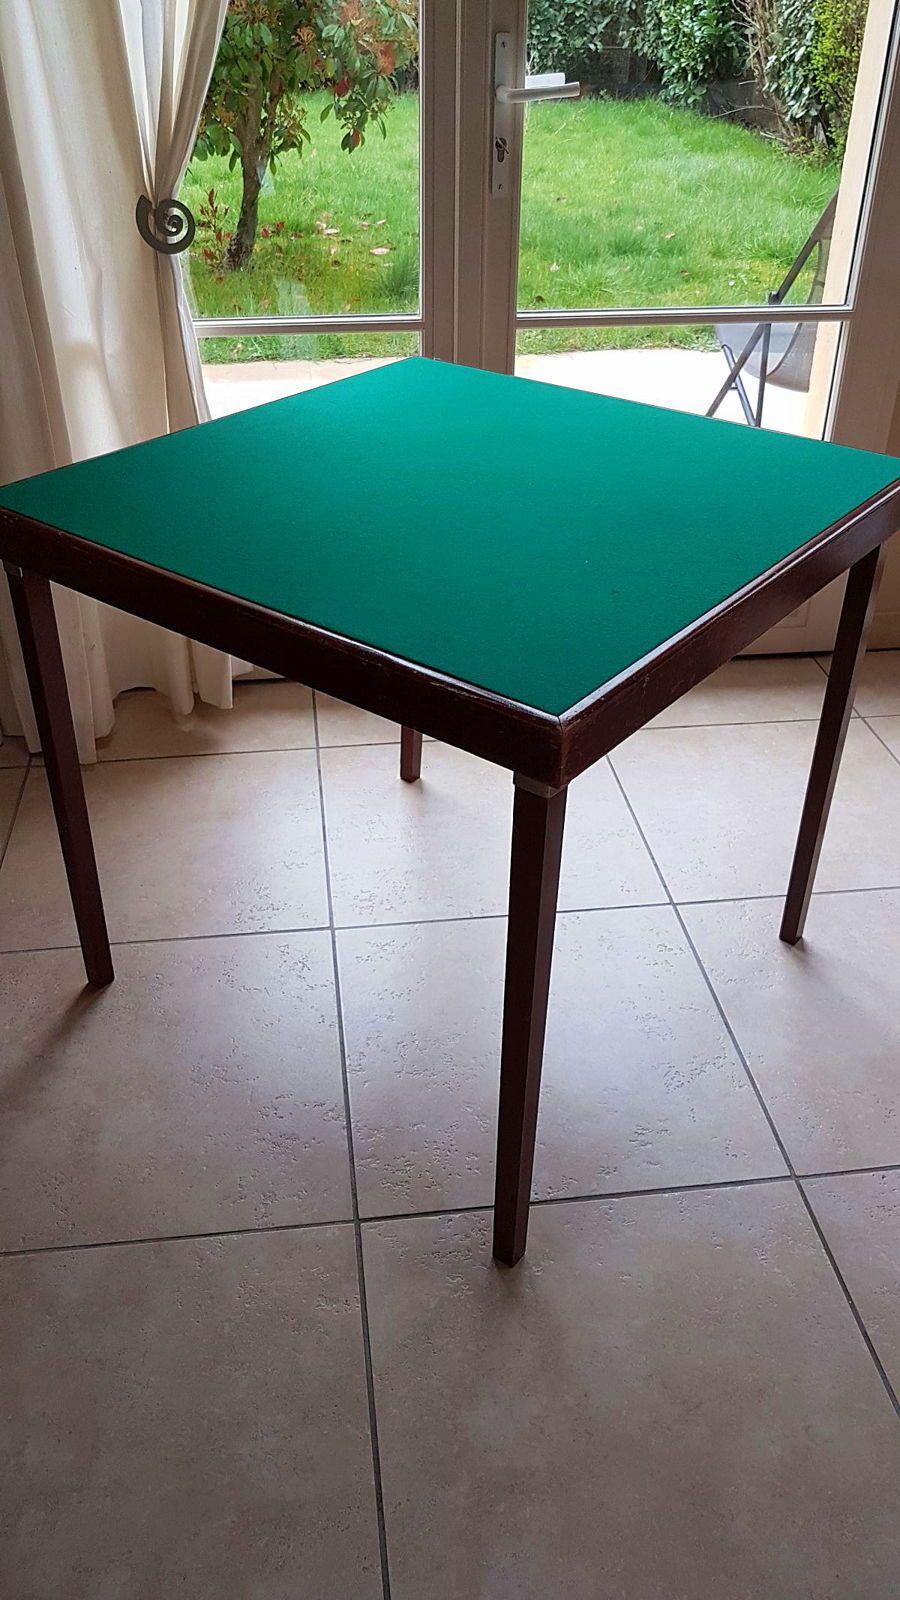 Table de bridge